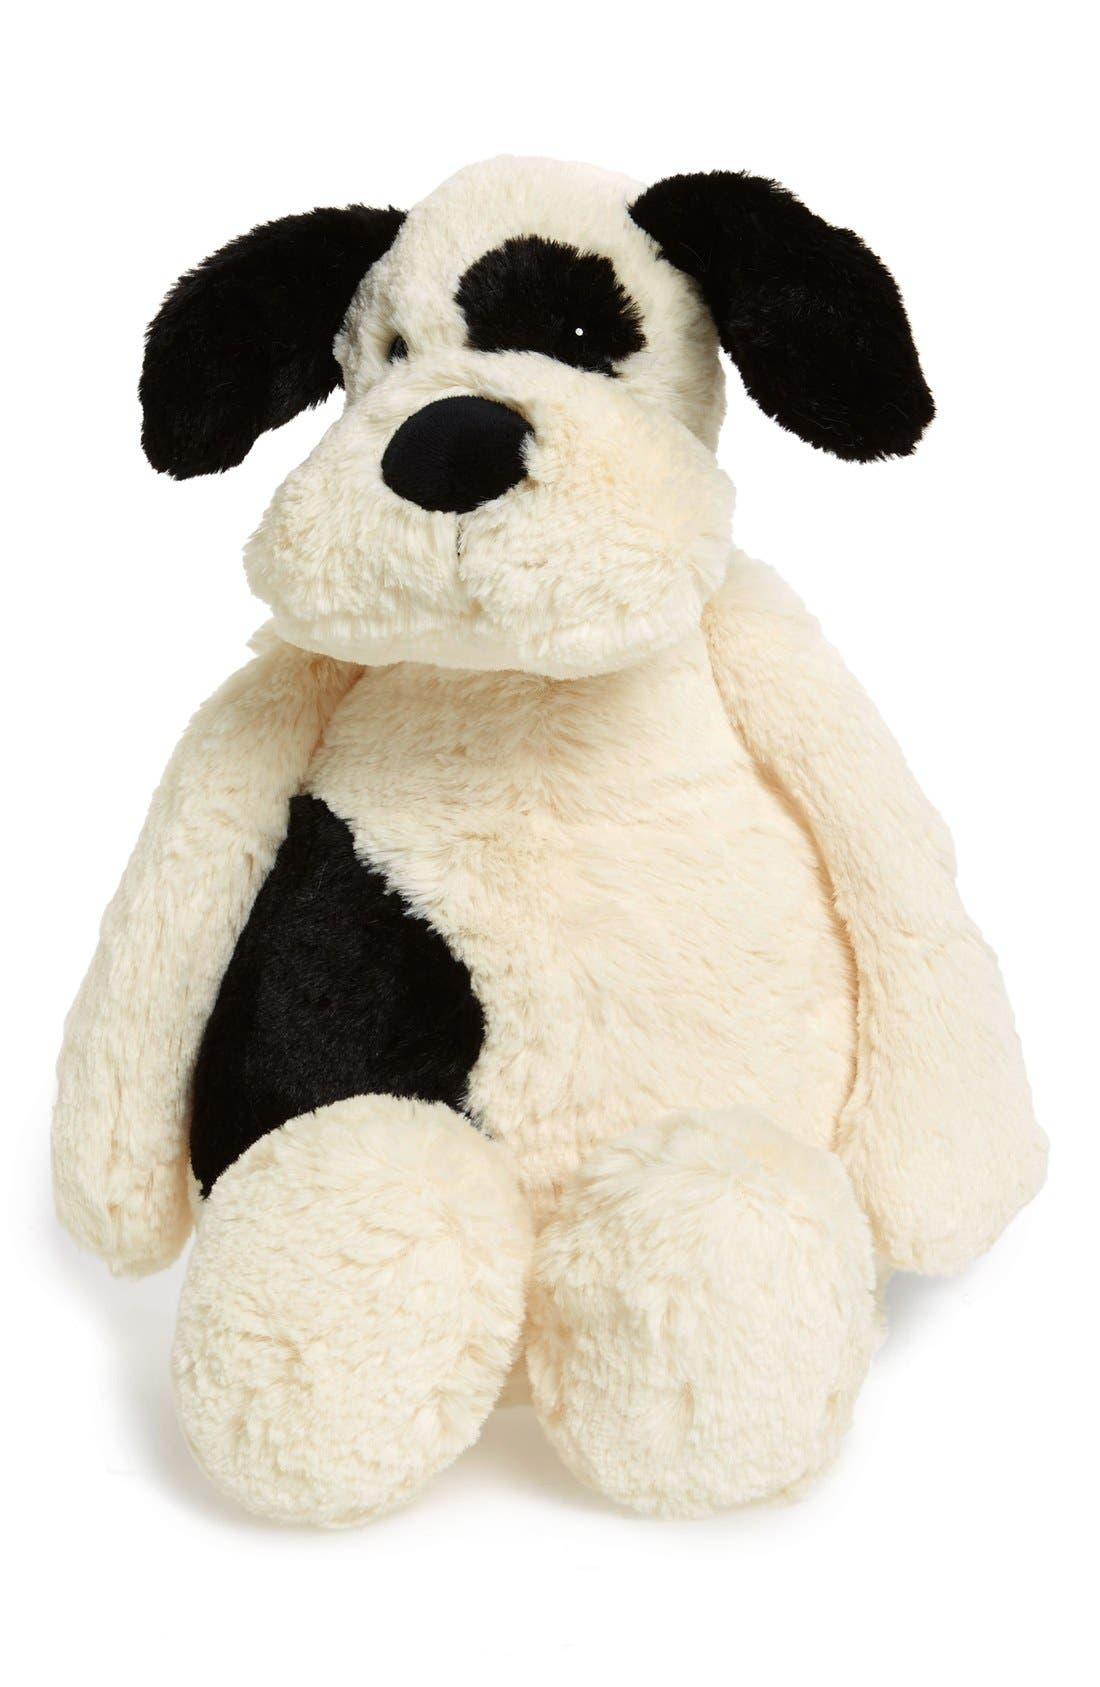 Jellycat 'Large Bashful Puppy' Stuffed Animal